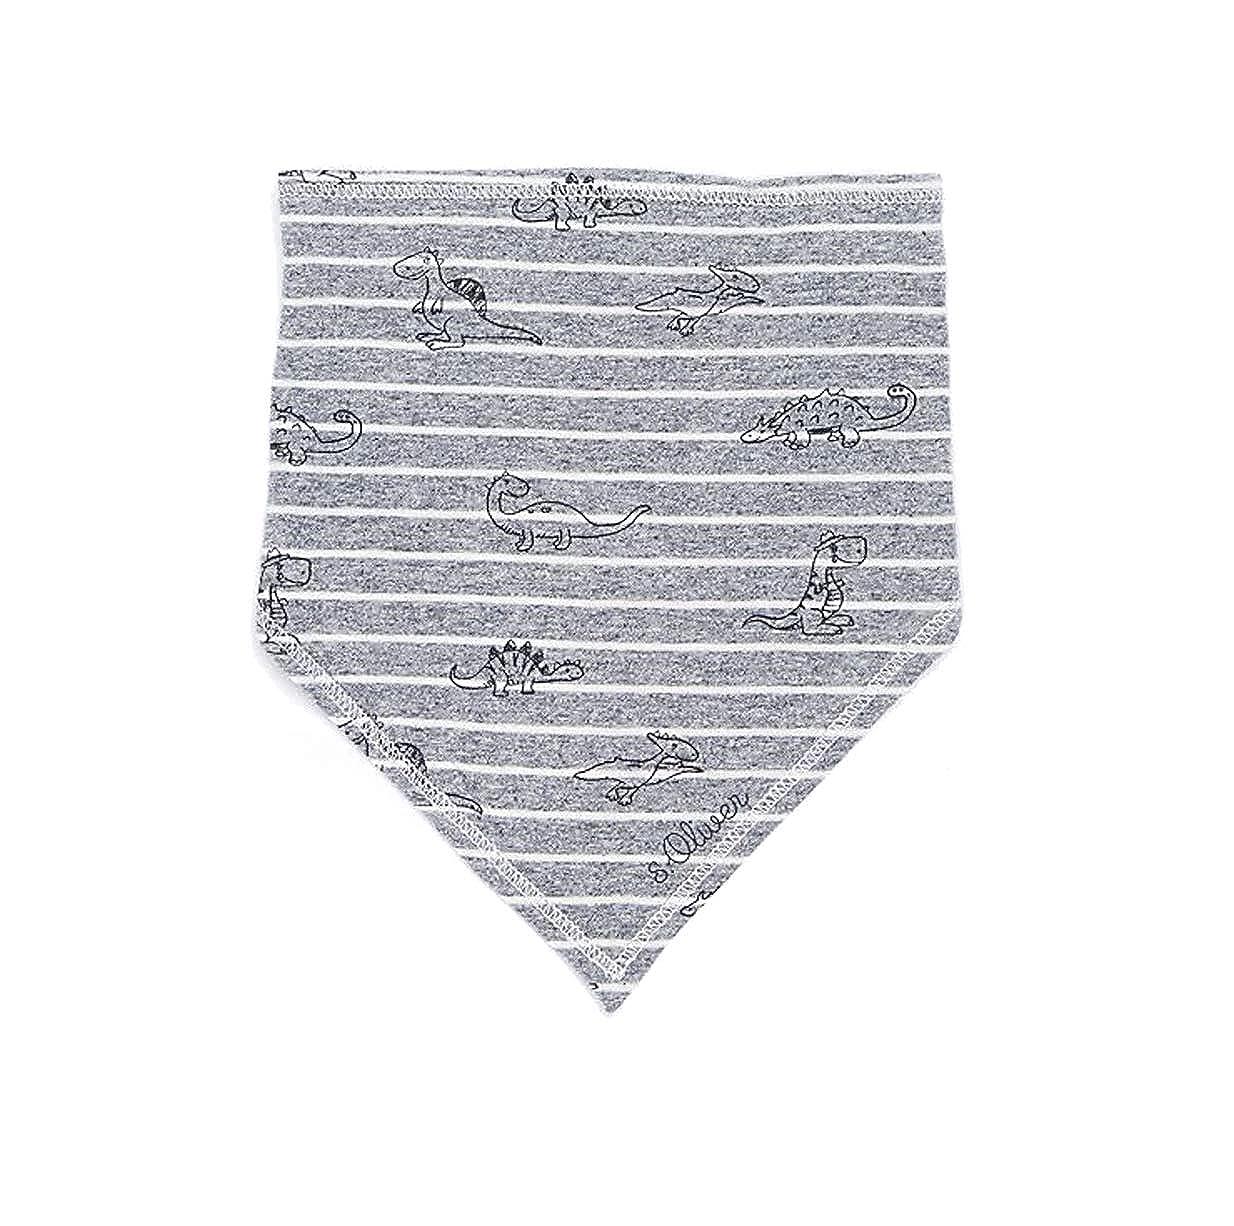 s.Oliver Baby Tuch/Dreieckstuch / Halstuch Gr. 68-92 Dino geringelt in grau 94A0 65.807.91.2800